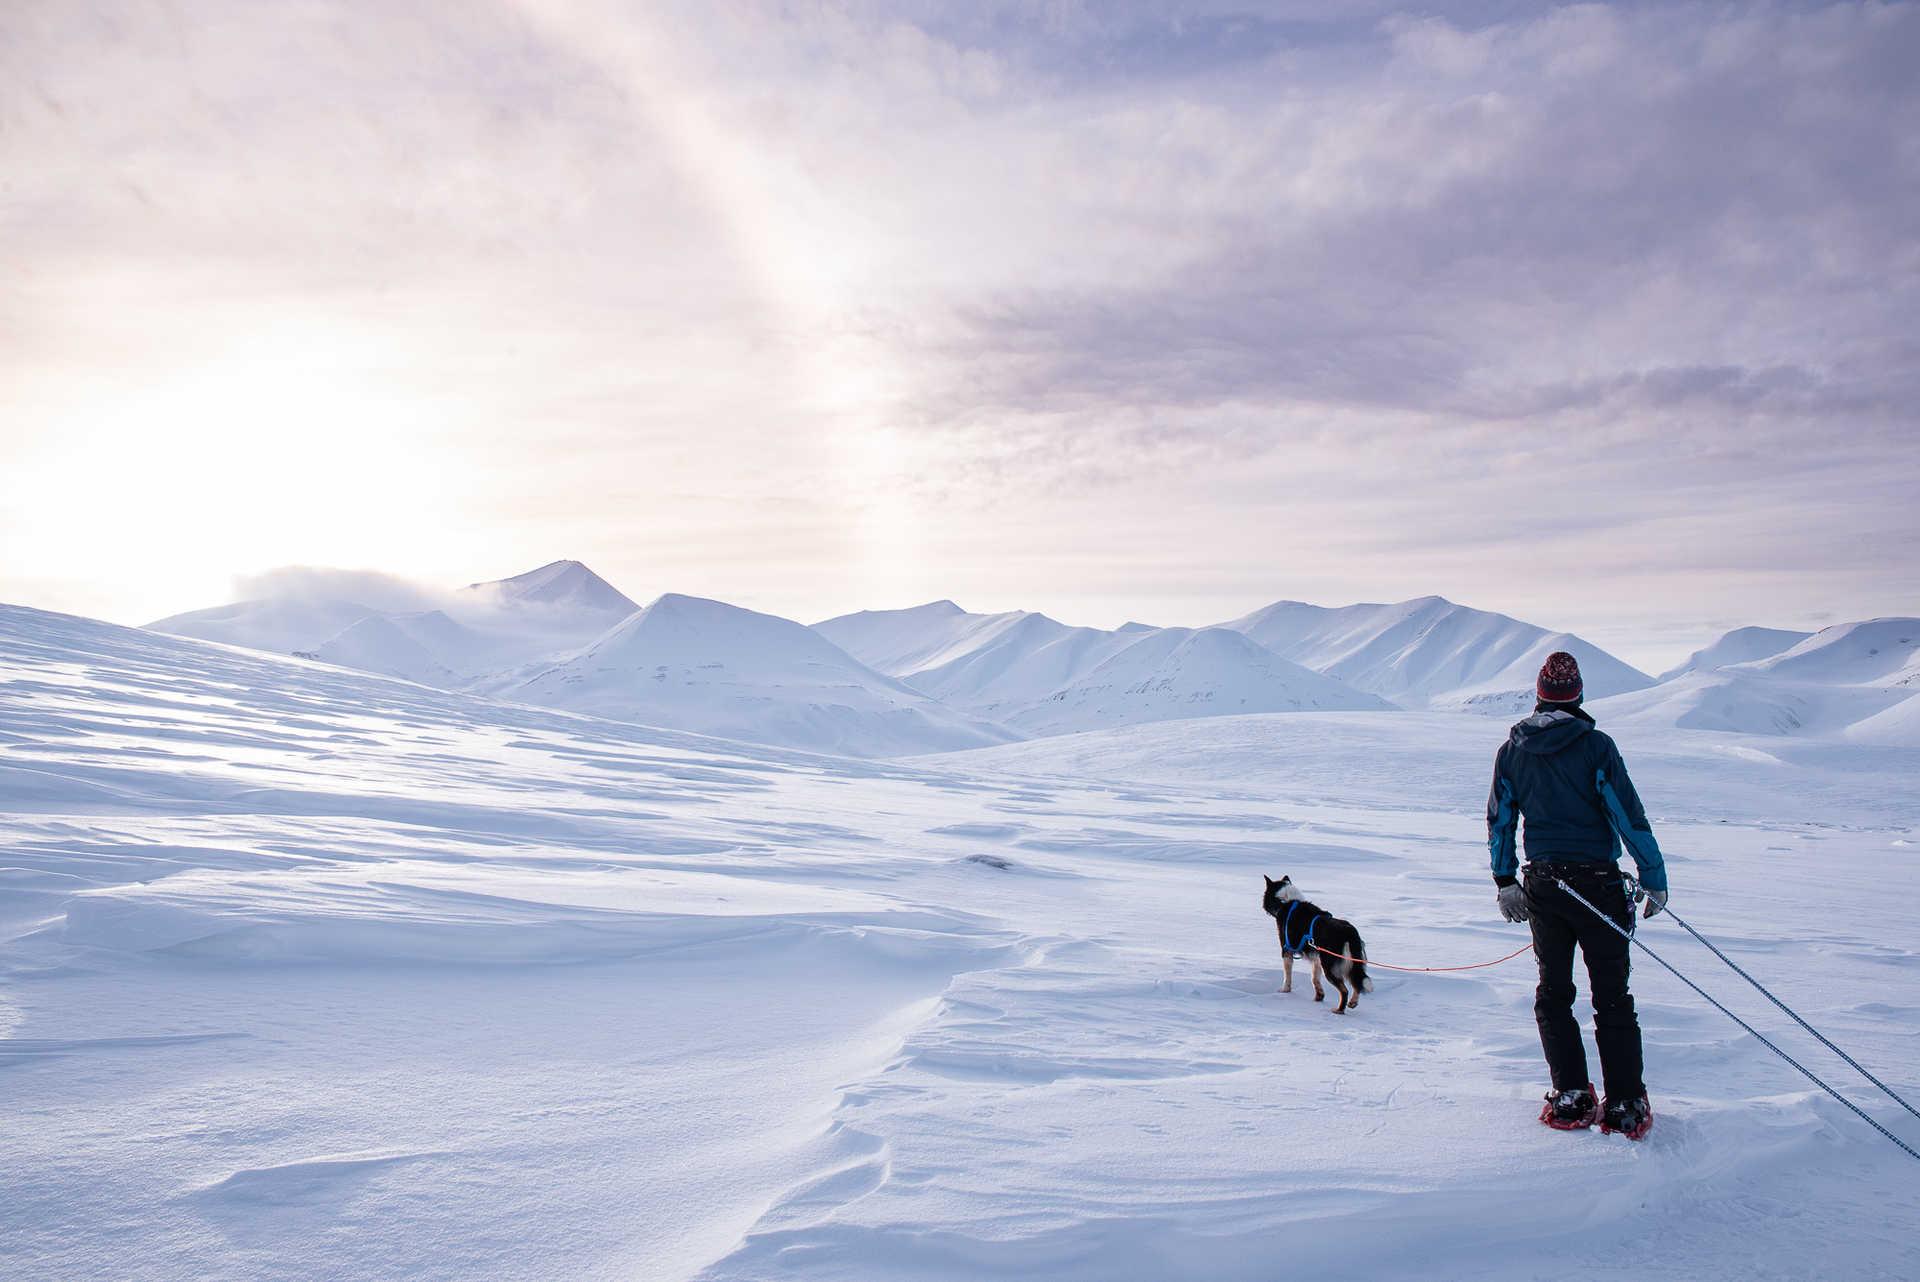 Robin et le chien dans les montagnes de l'arctique